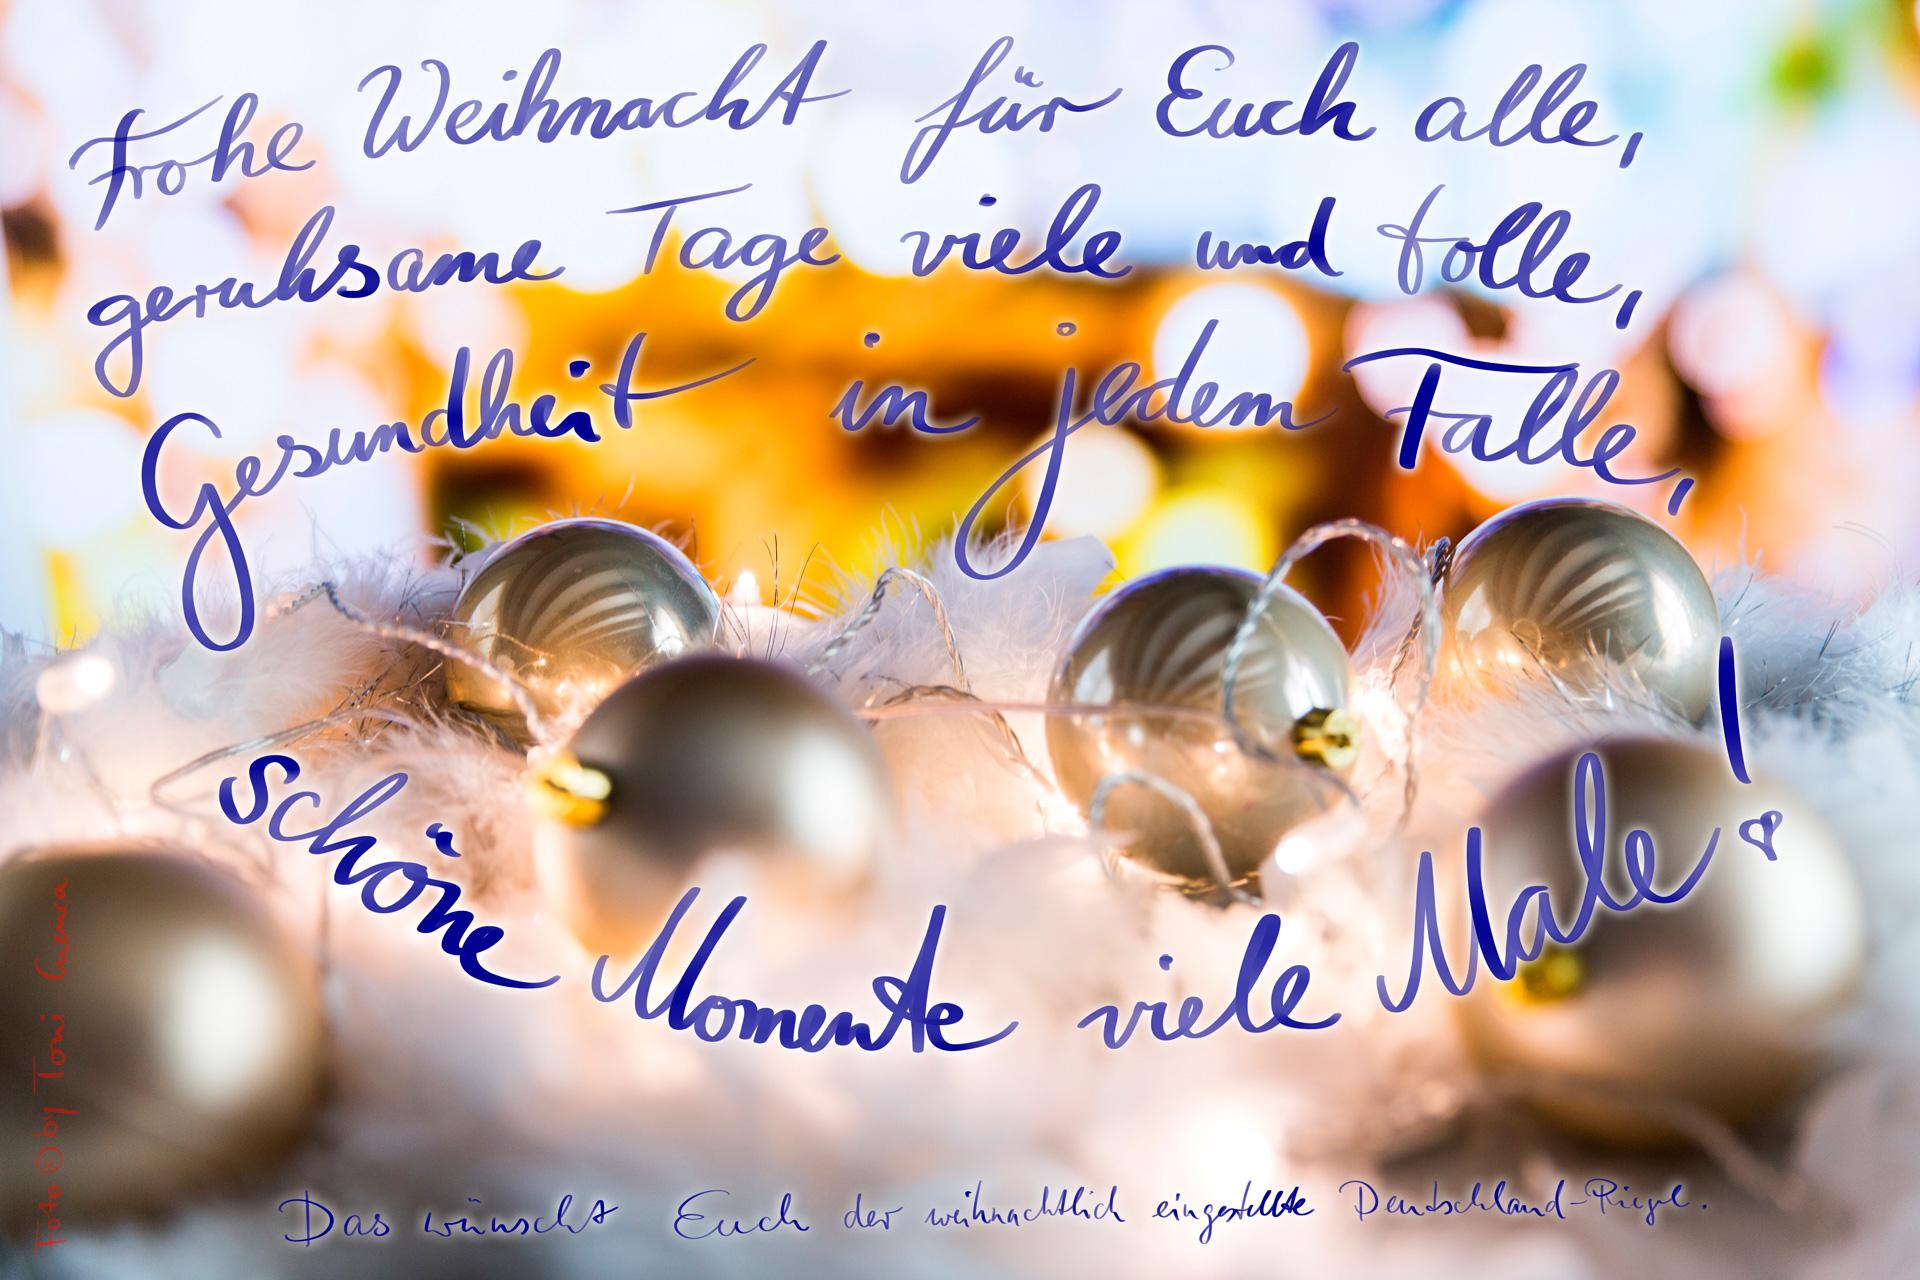 Frohe Festtage wünsche Euch mit einigen kreativen Zeilen der DeutschLand-Riegel!, Gedicht, zur Weihnachtszeit